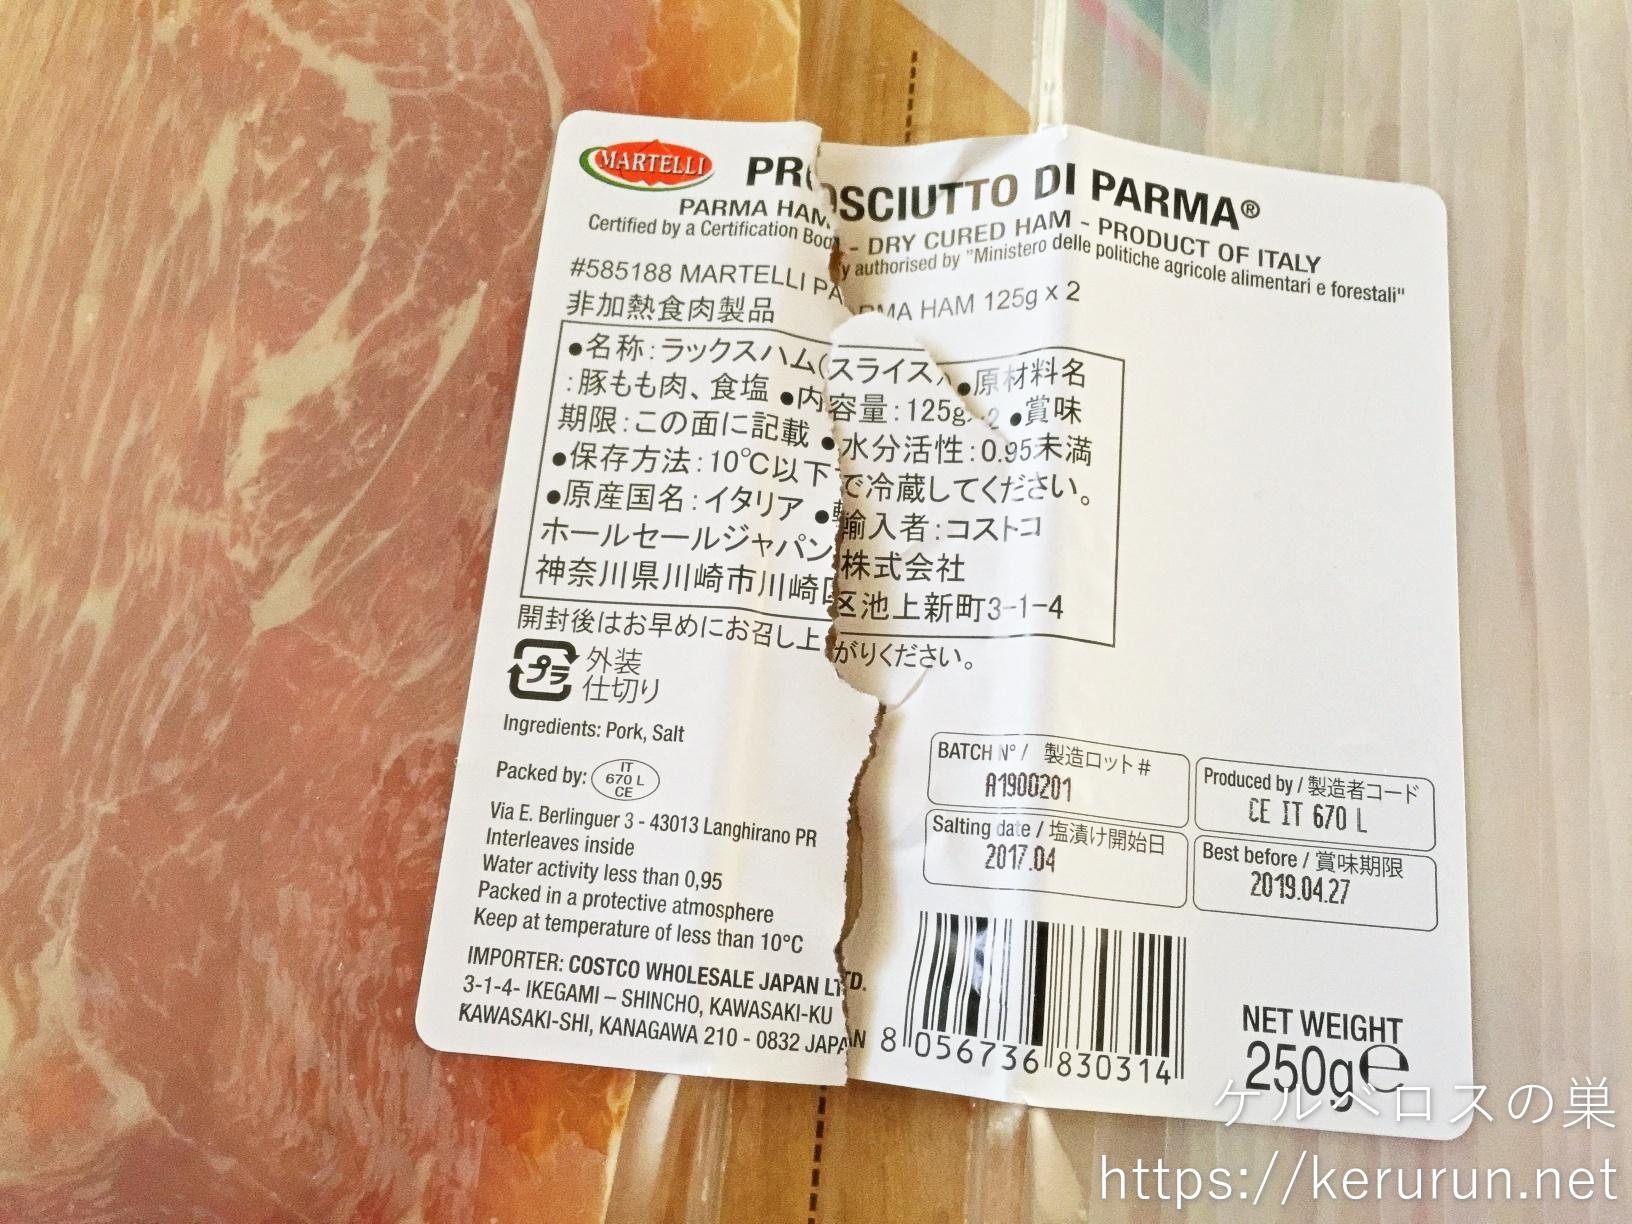 【コストコ】MARTELLI プロシュット・ディ・パルマ